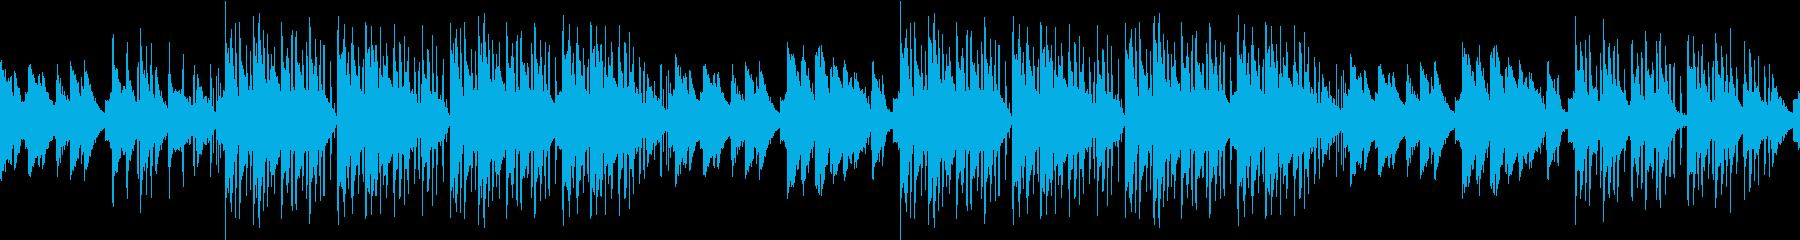 ピアノ・カフェ・お洒落・ジャズ・綺麗の再生済みの波形